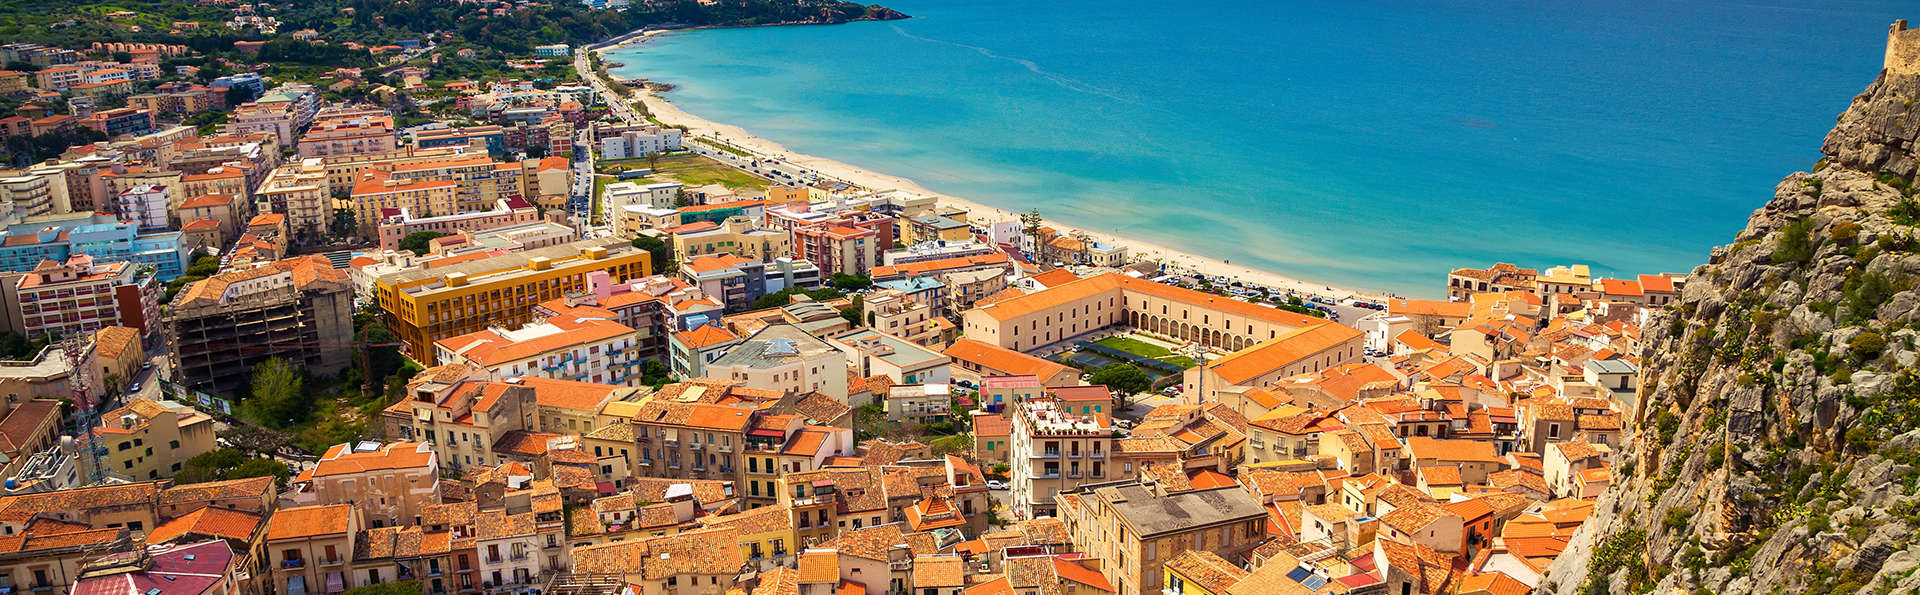 Offerta esclusiva: 3 notti sulla costa di Cefalù con upgrade in camera garantito!